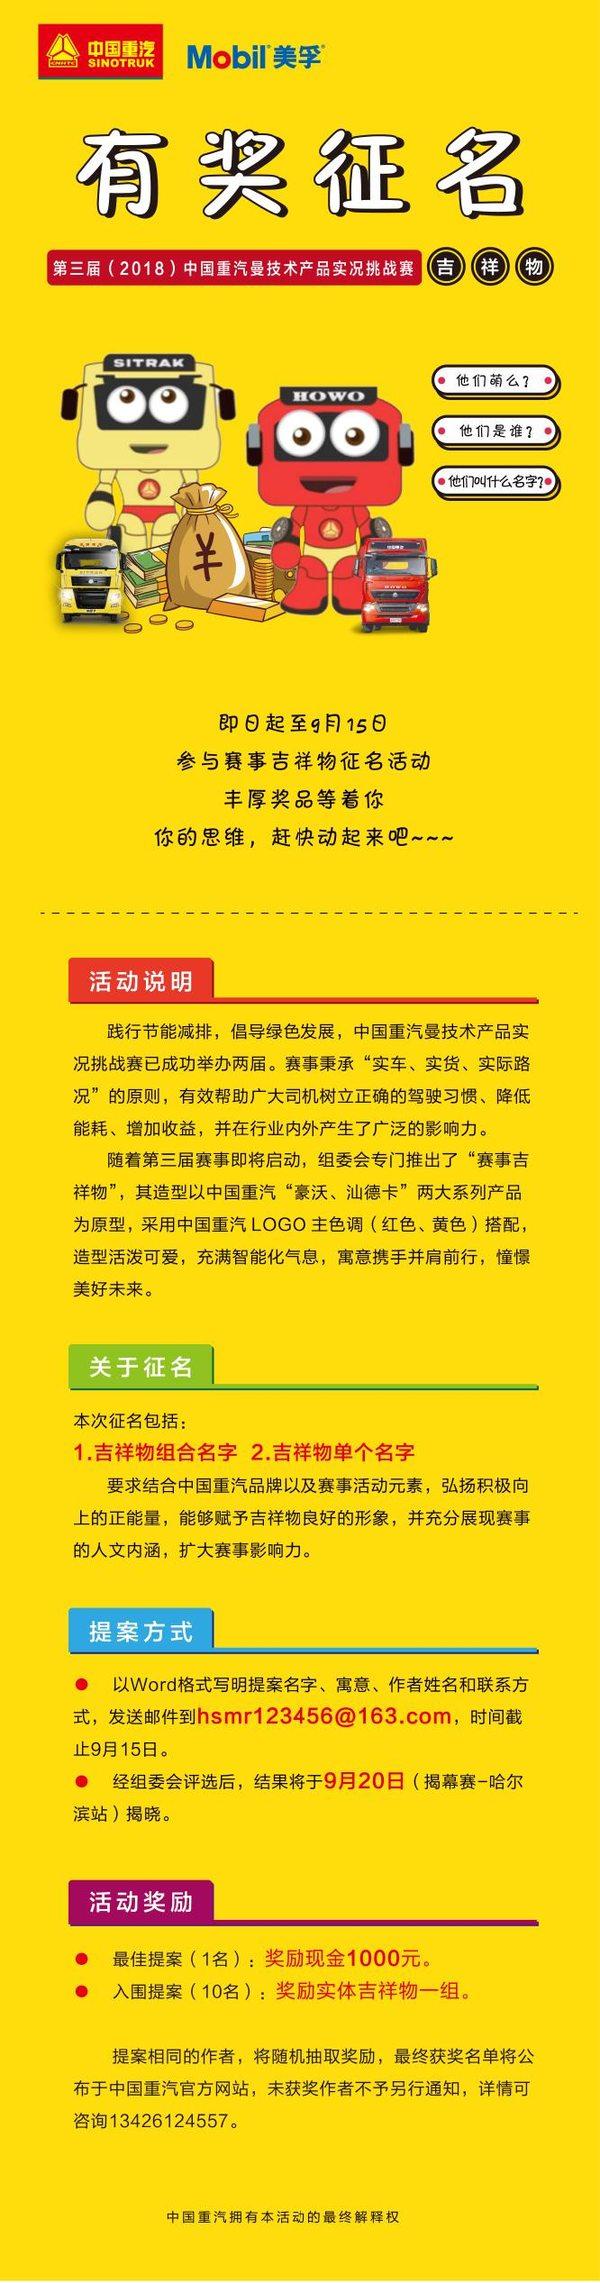 """中国重汽赛事吉祥物征名""""海报文案"""""""